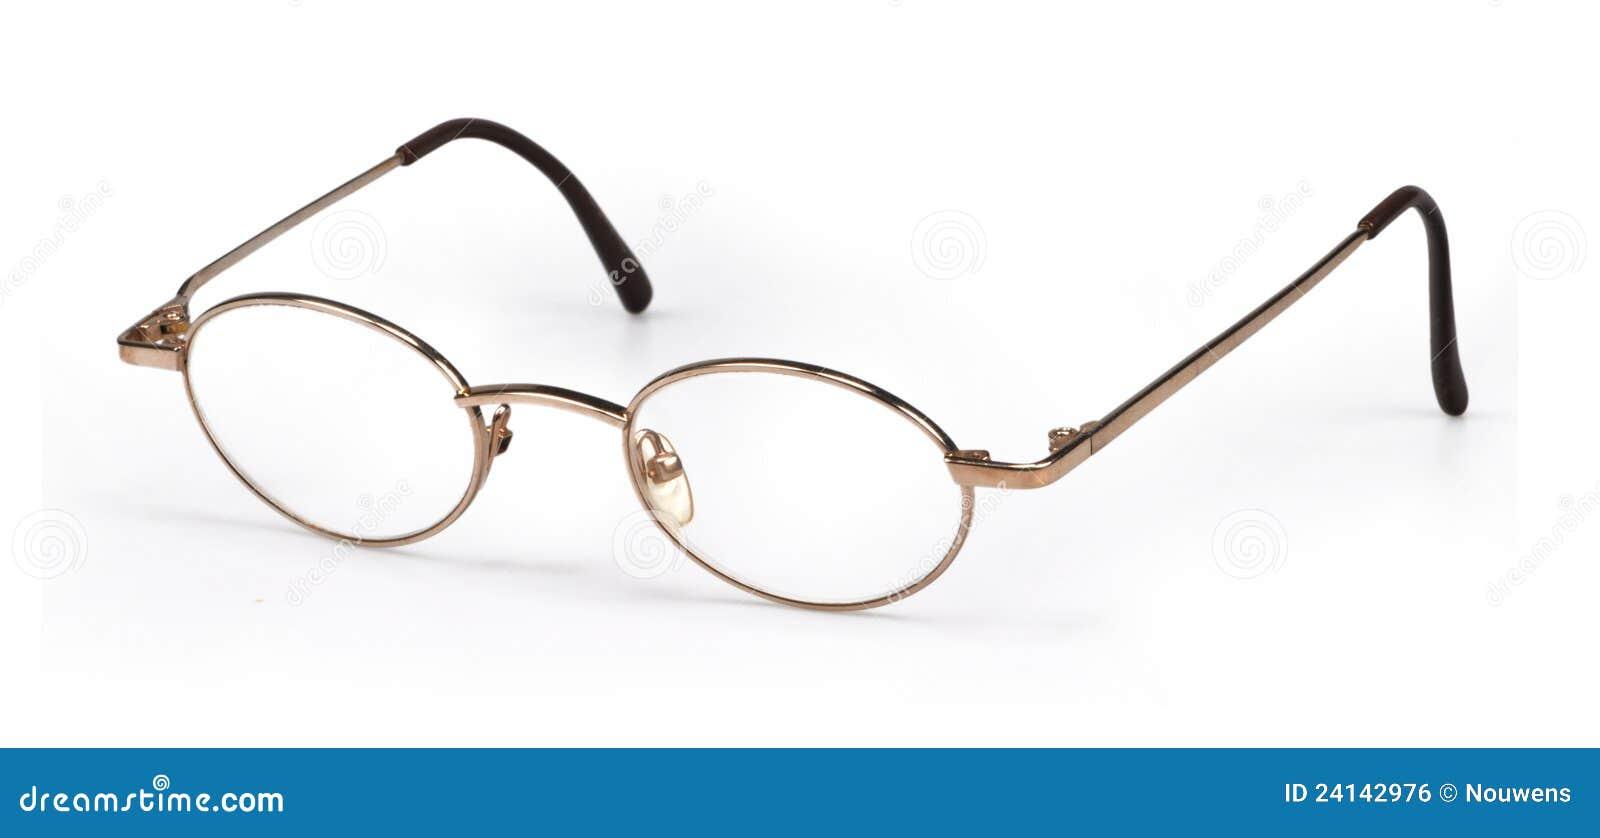 dream of pairs glasses